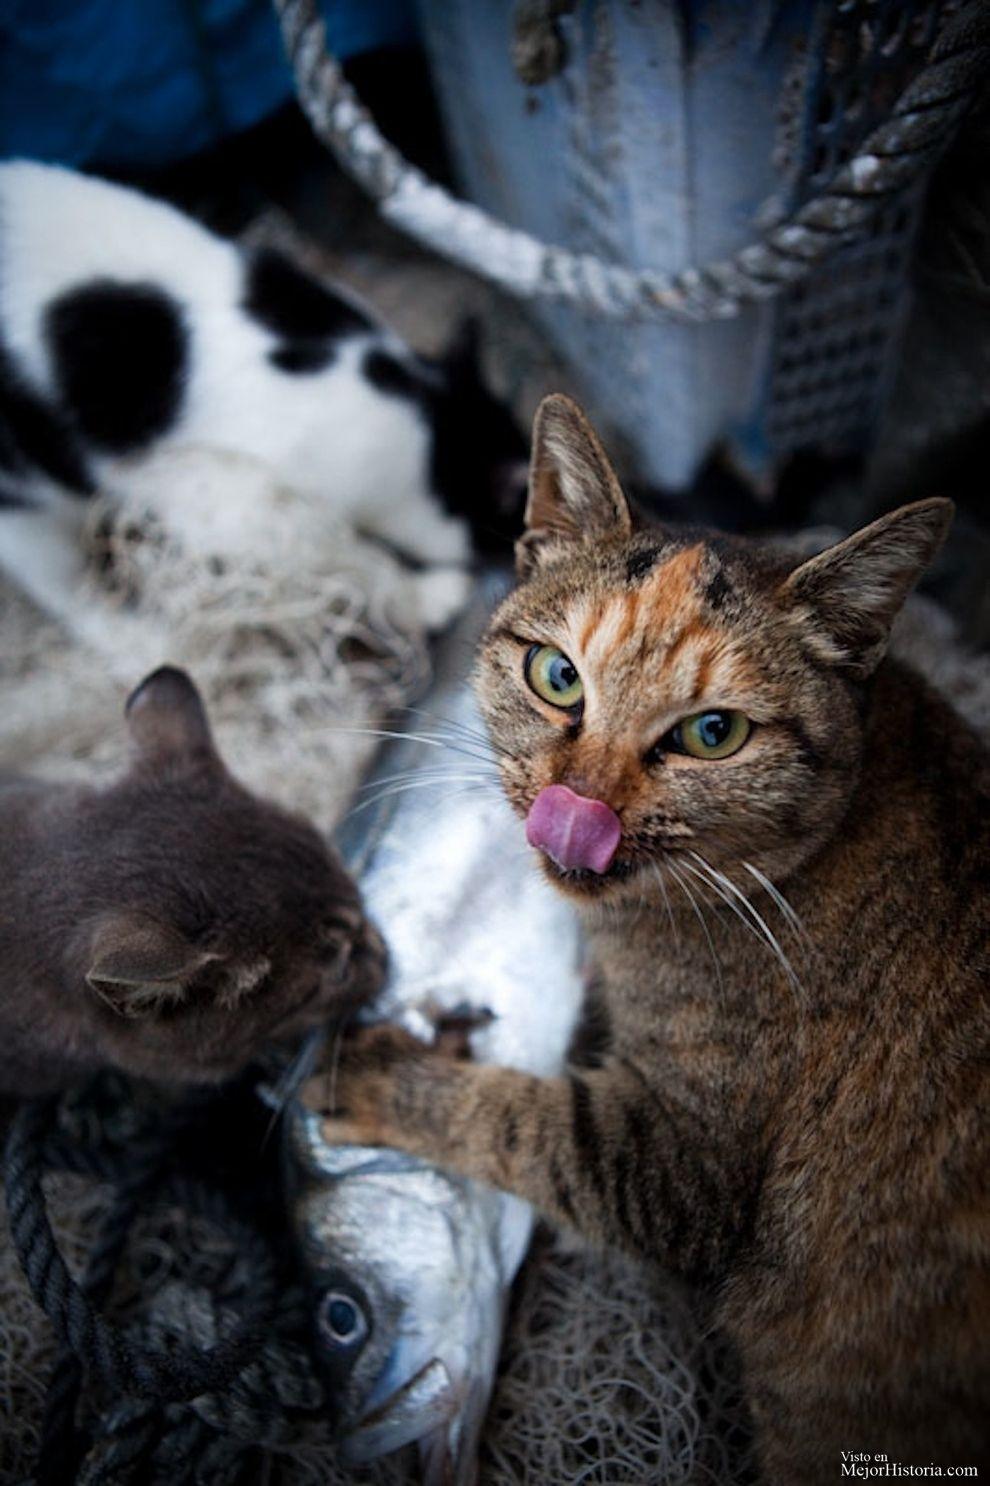 Hoy estoy gatuna, porque adoro a estos animales, y no puedo evitar compartir todo lo que encuentro sobre ellos, y sobre todo si es un poco curioso..... Ver mas: http://www.mejorhistoria.com/gatos-japoneses/